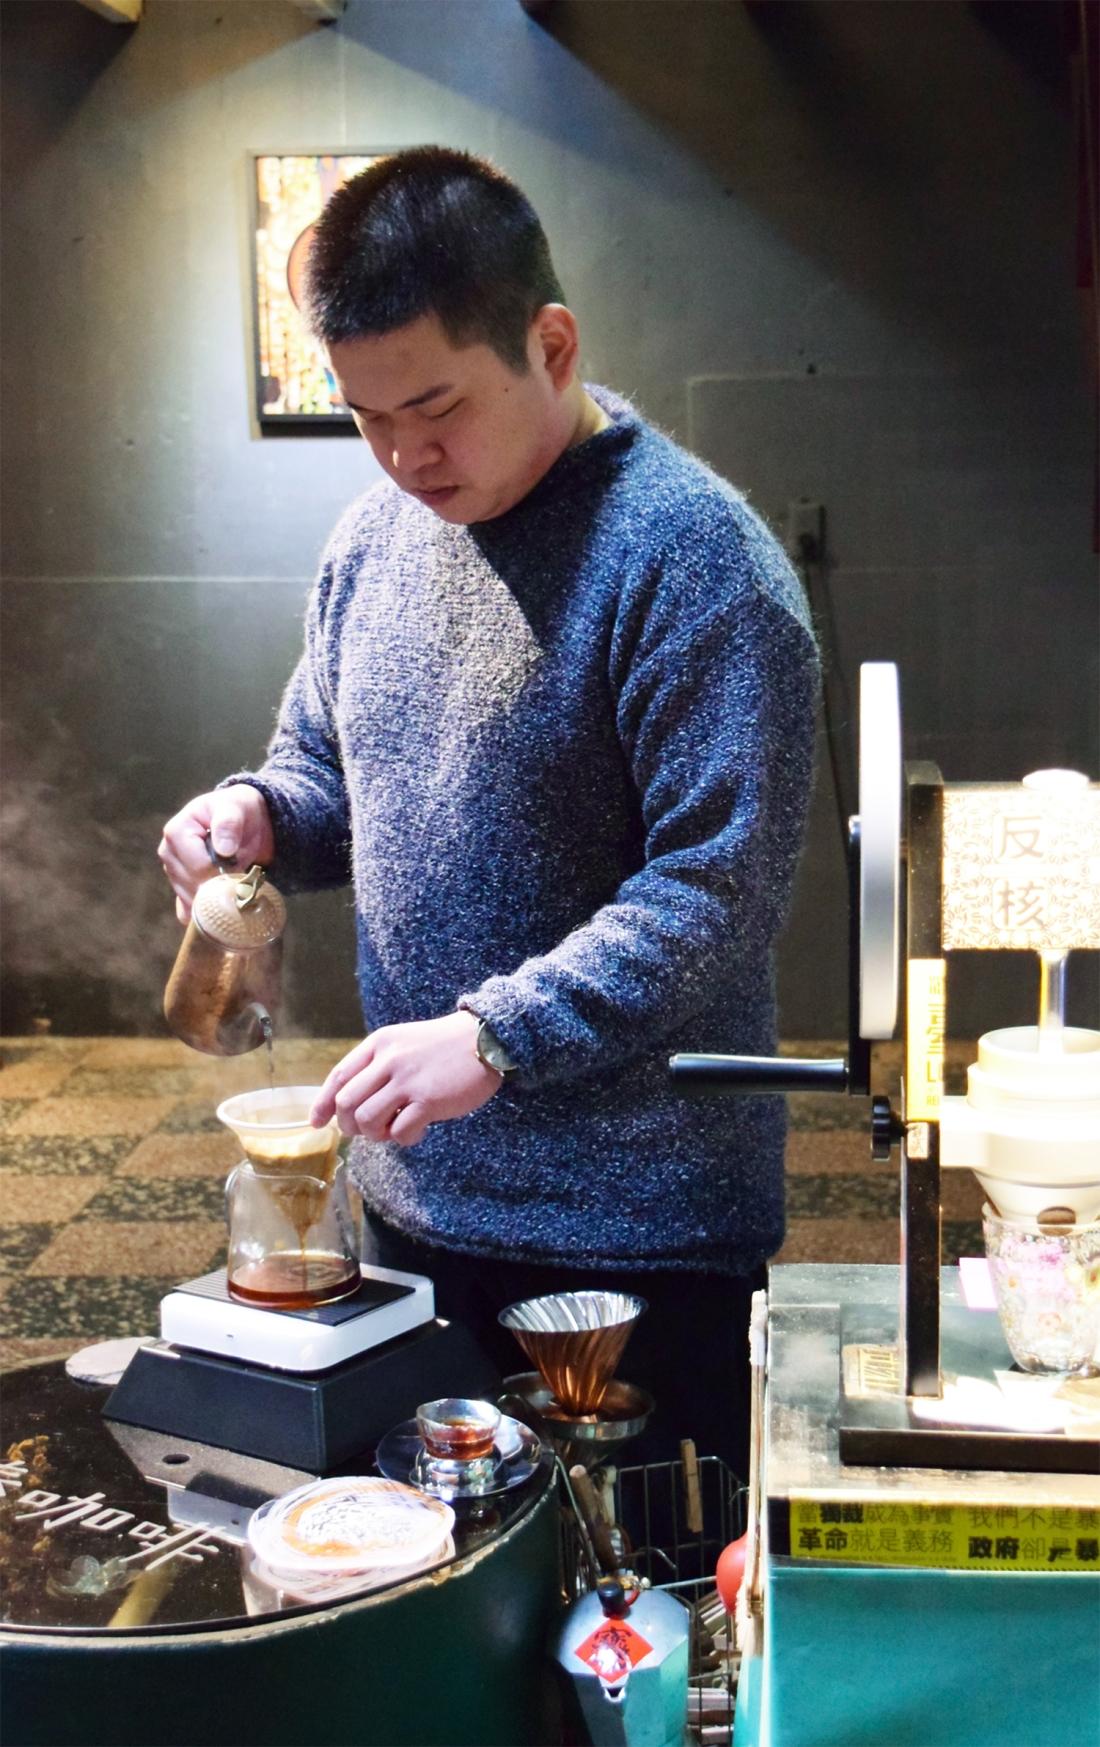 奉咖啡的老闆大頭(攝影/Yuling Chiu)